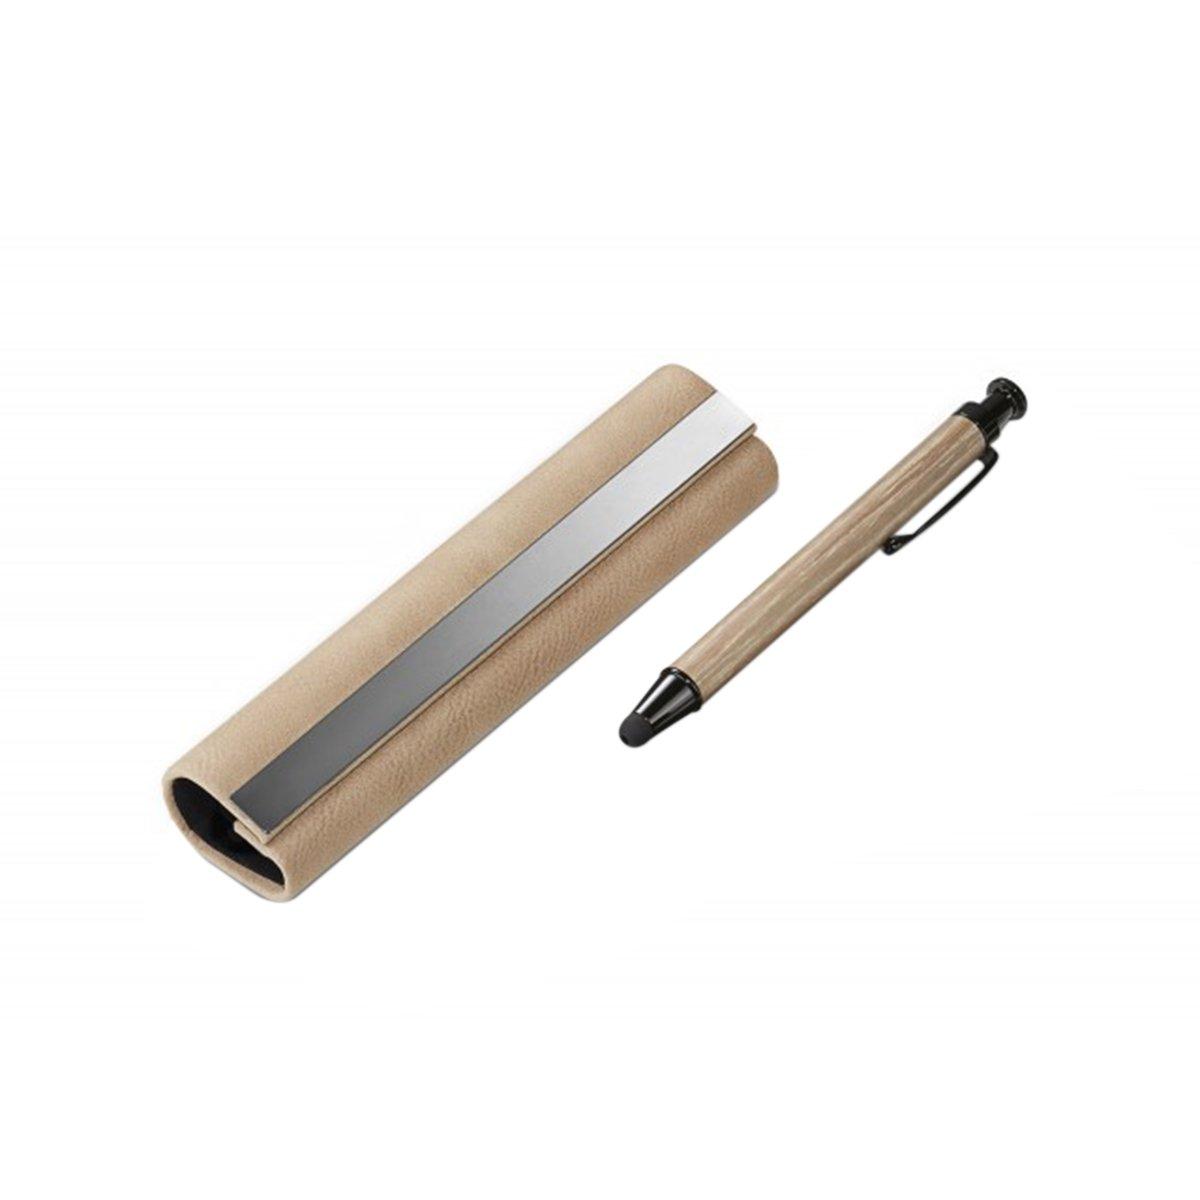 DOUX stylus & pen in case